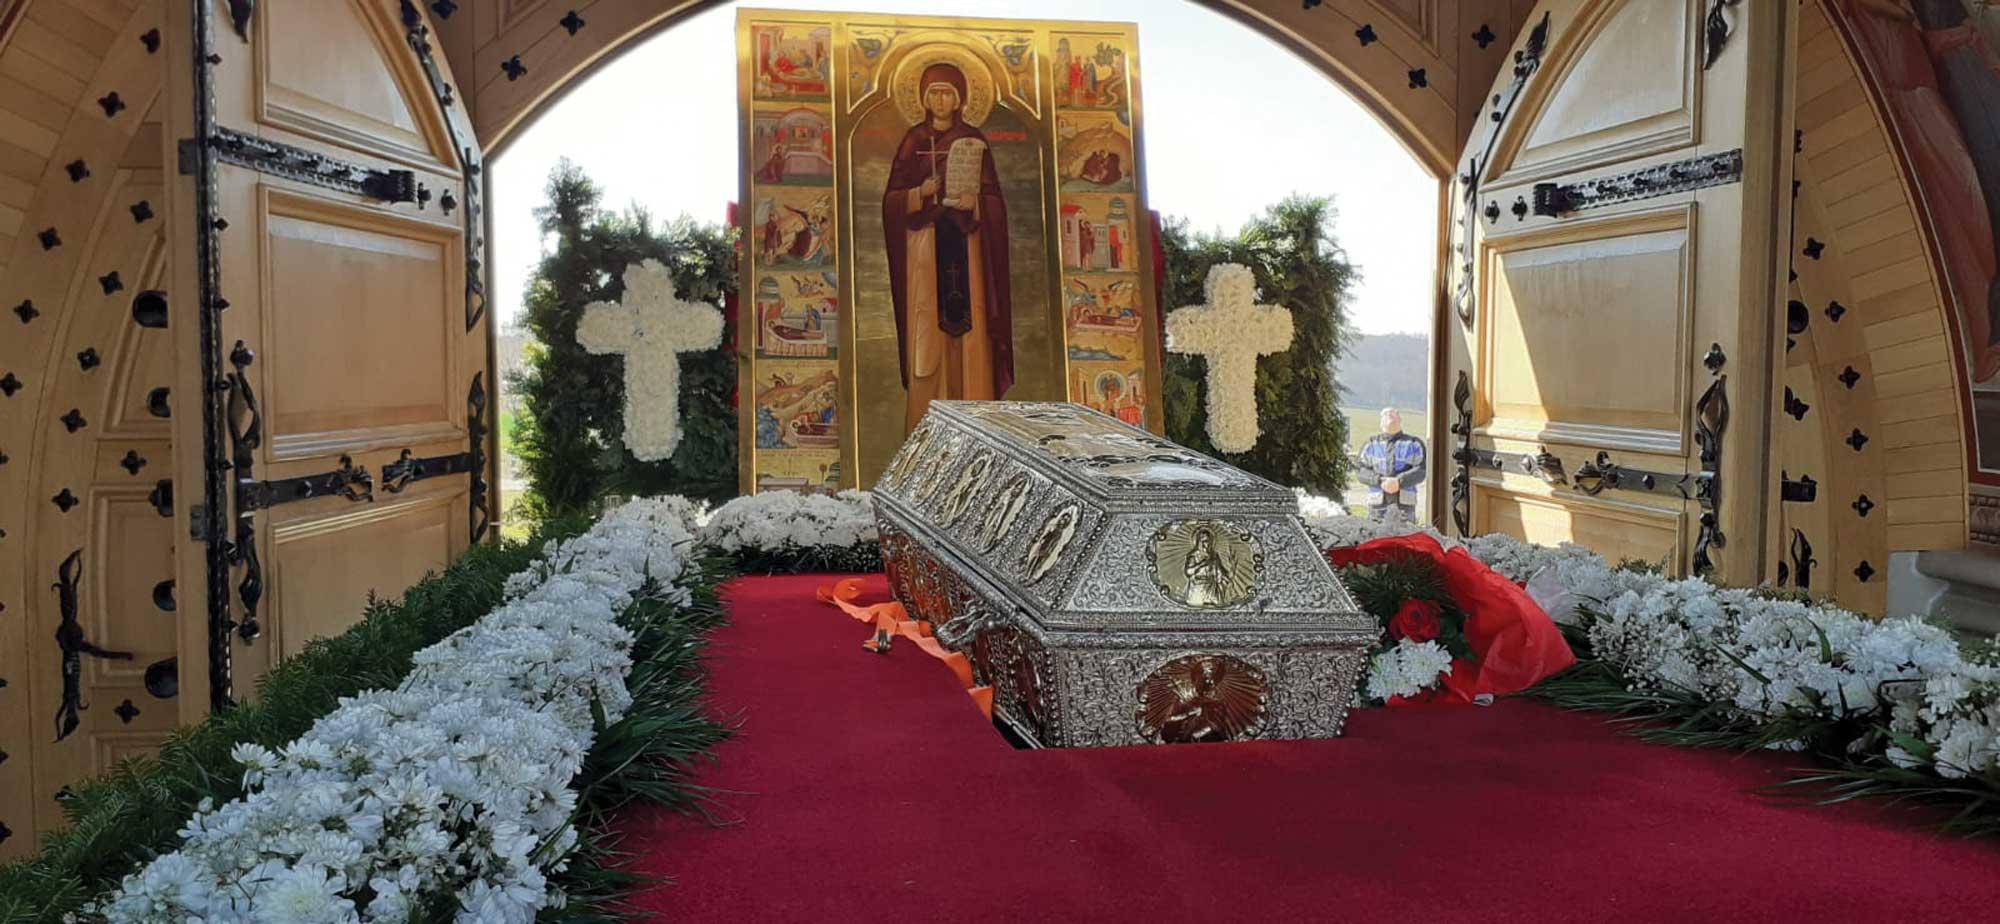 Moaștele Sfintei Cuvioase Parascheva au poposit în principalele orașe din județele Iași, Neamț și Botoșani